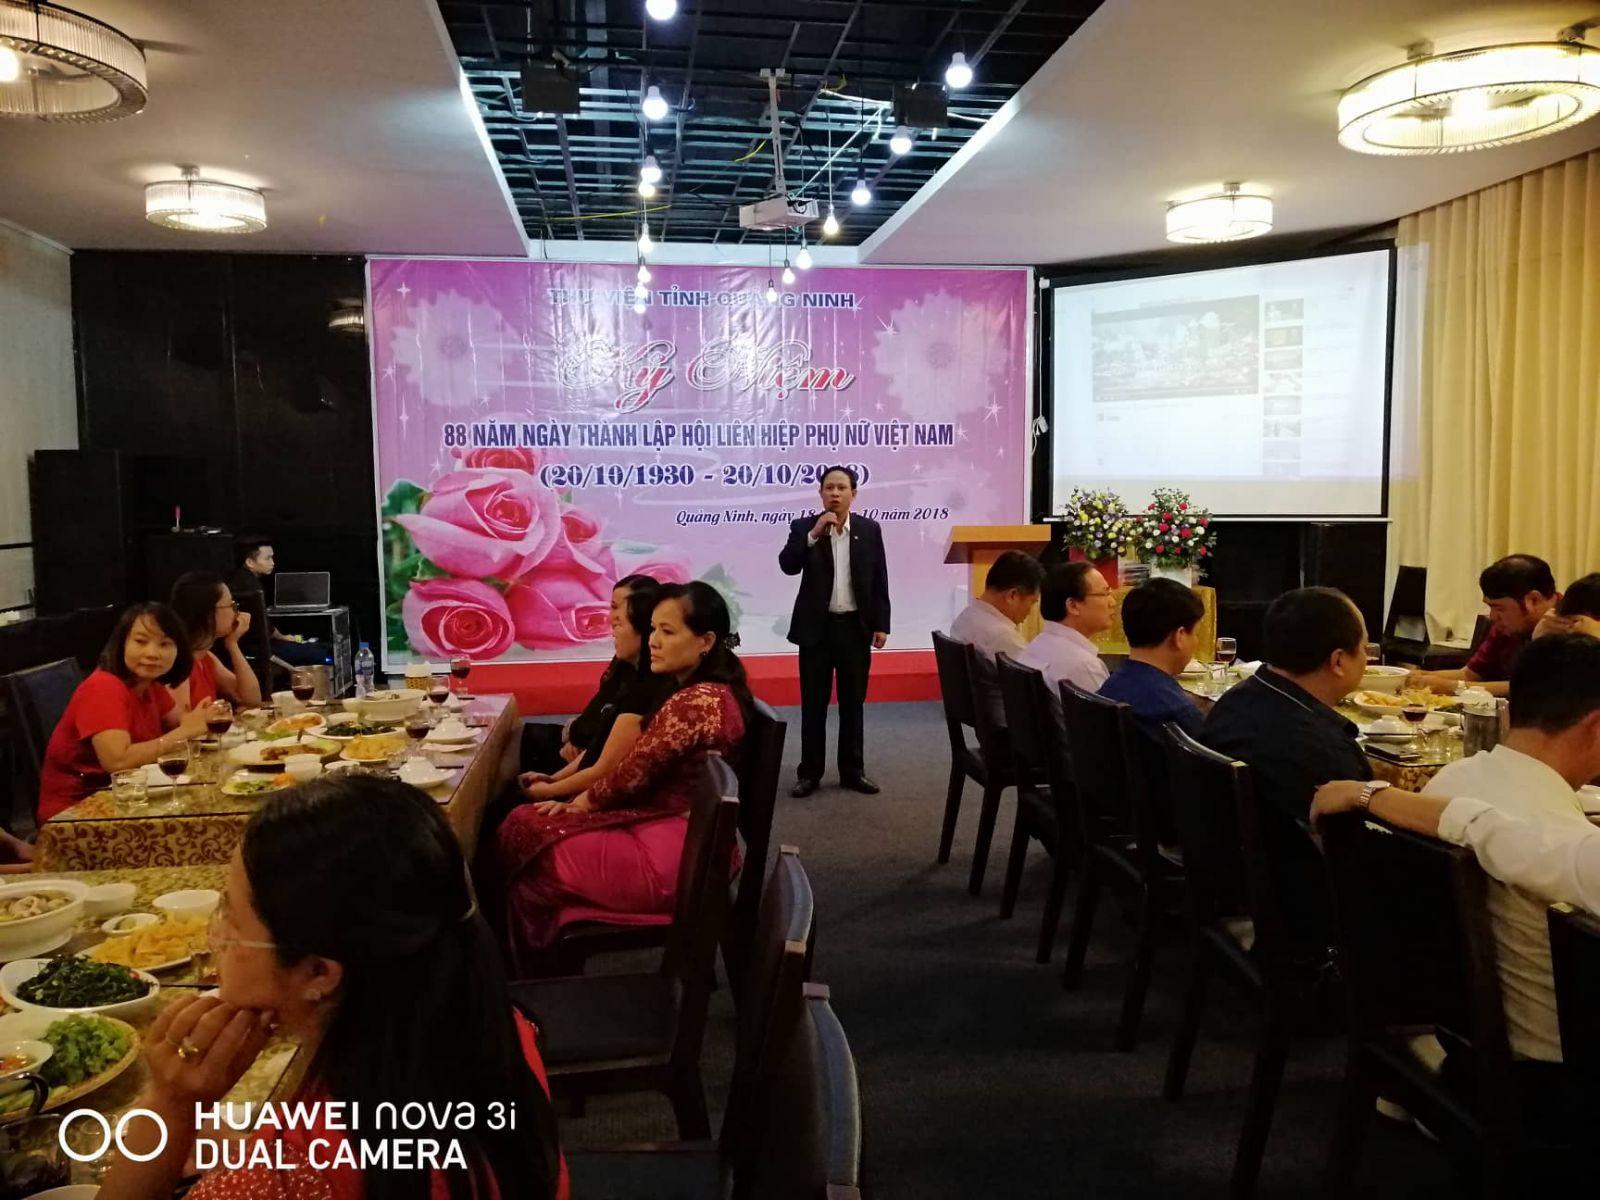 Đồng chí Phạm Văn Triển, Phó Giám đốc phụ trách phát biểu chúc mừng CBVCNLĐ nữ Thư viện tỉnh Quảng Ninh